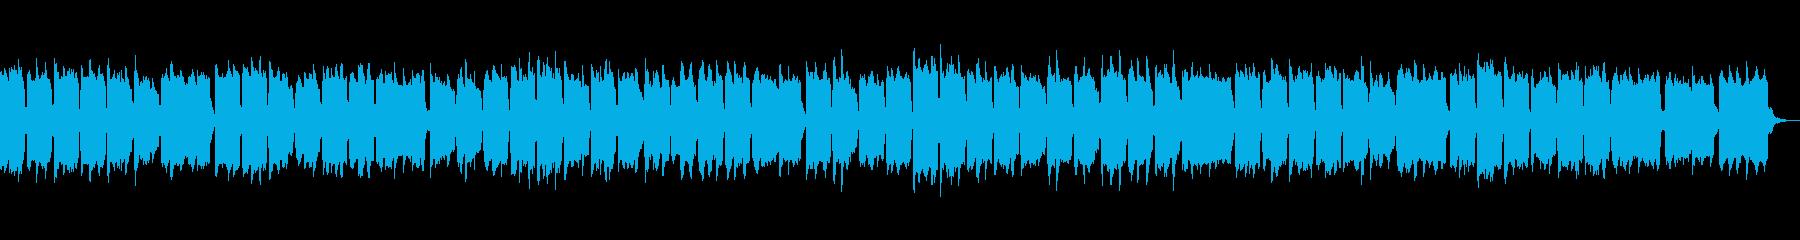 かわいい3拍子のオルゴールの再生済みの波形